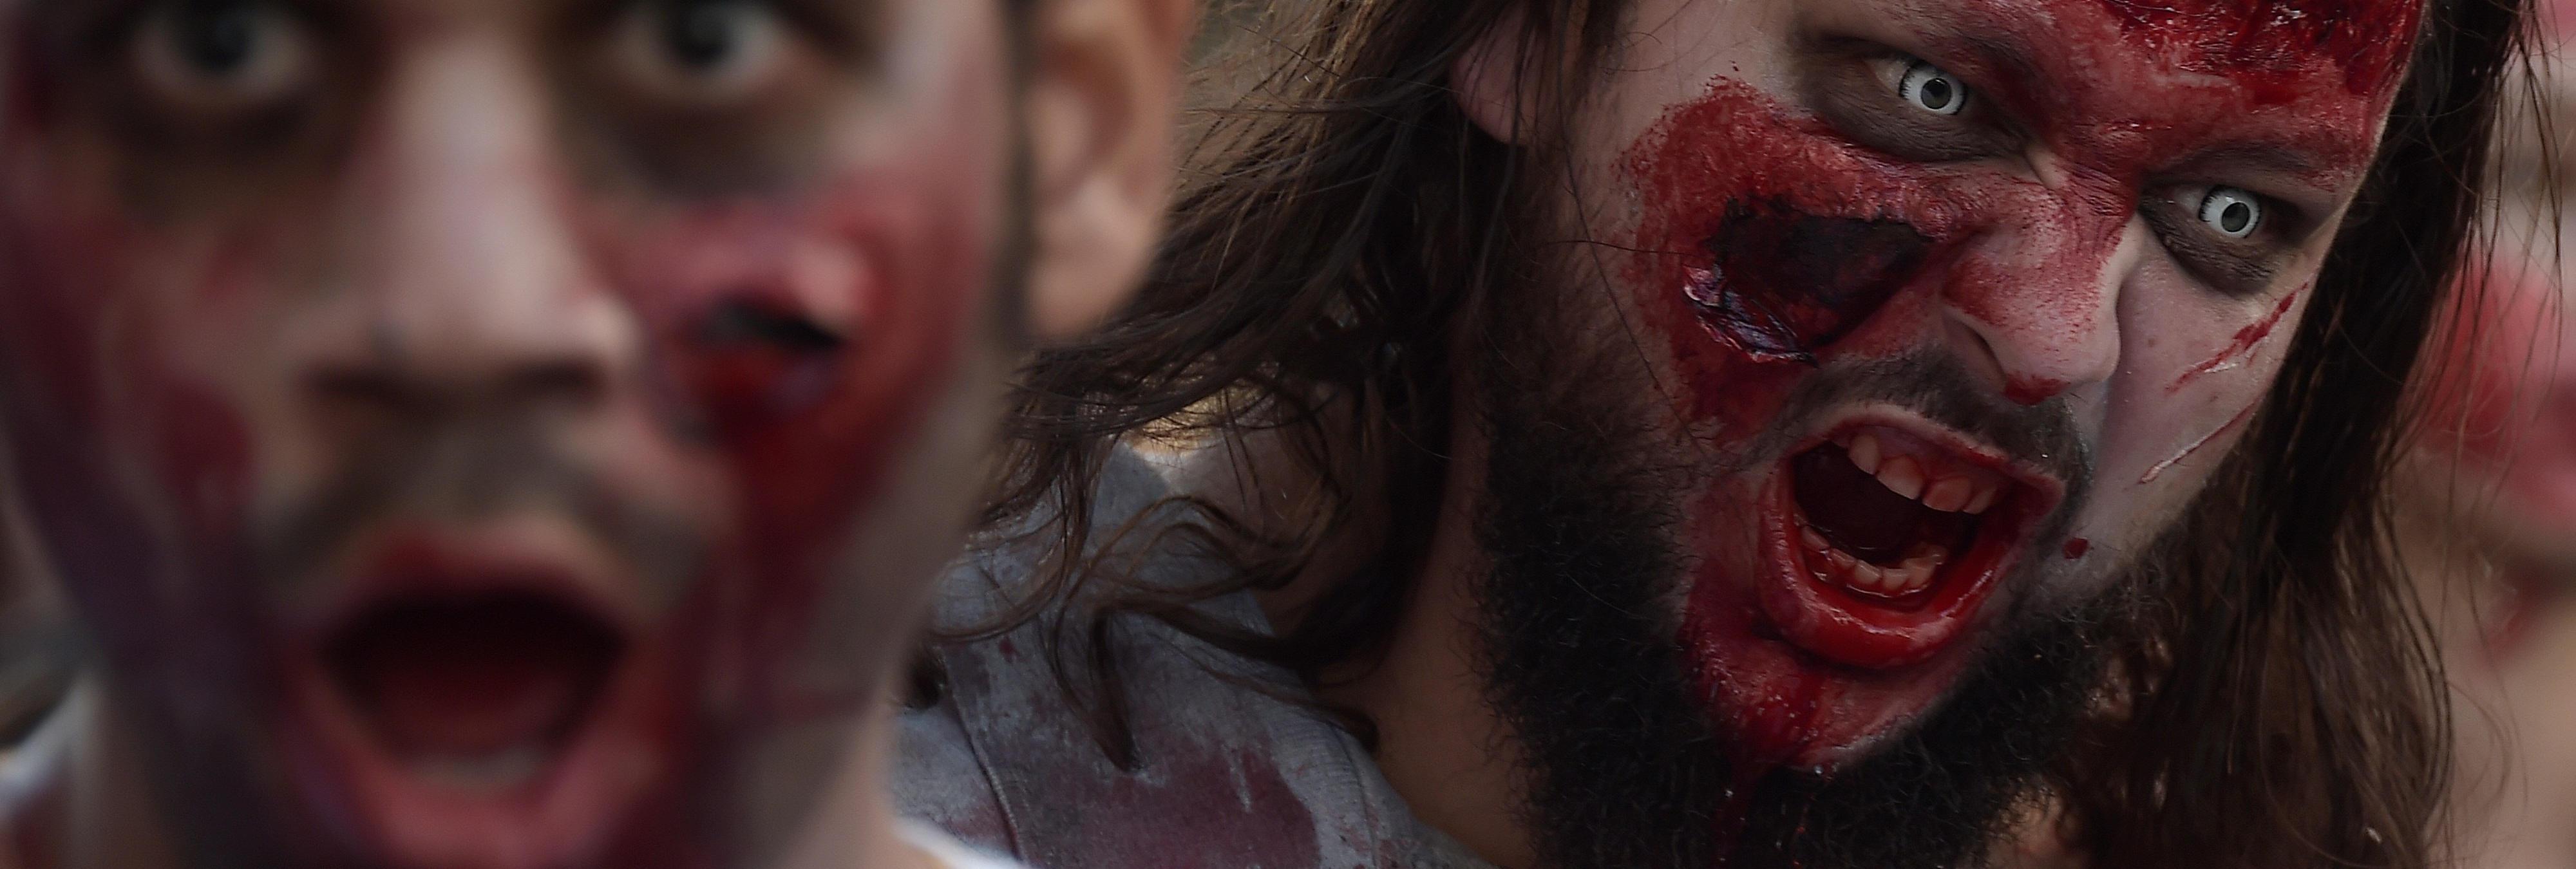 ¿'The Walking Dead'? Un hombre muere en un avión tras morder a otro pasajero